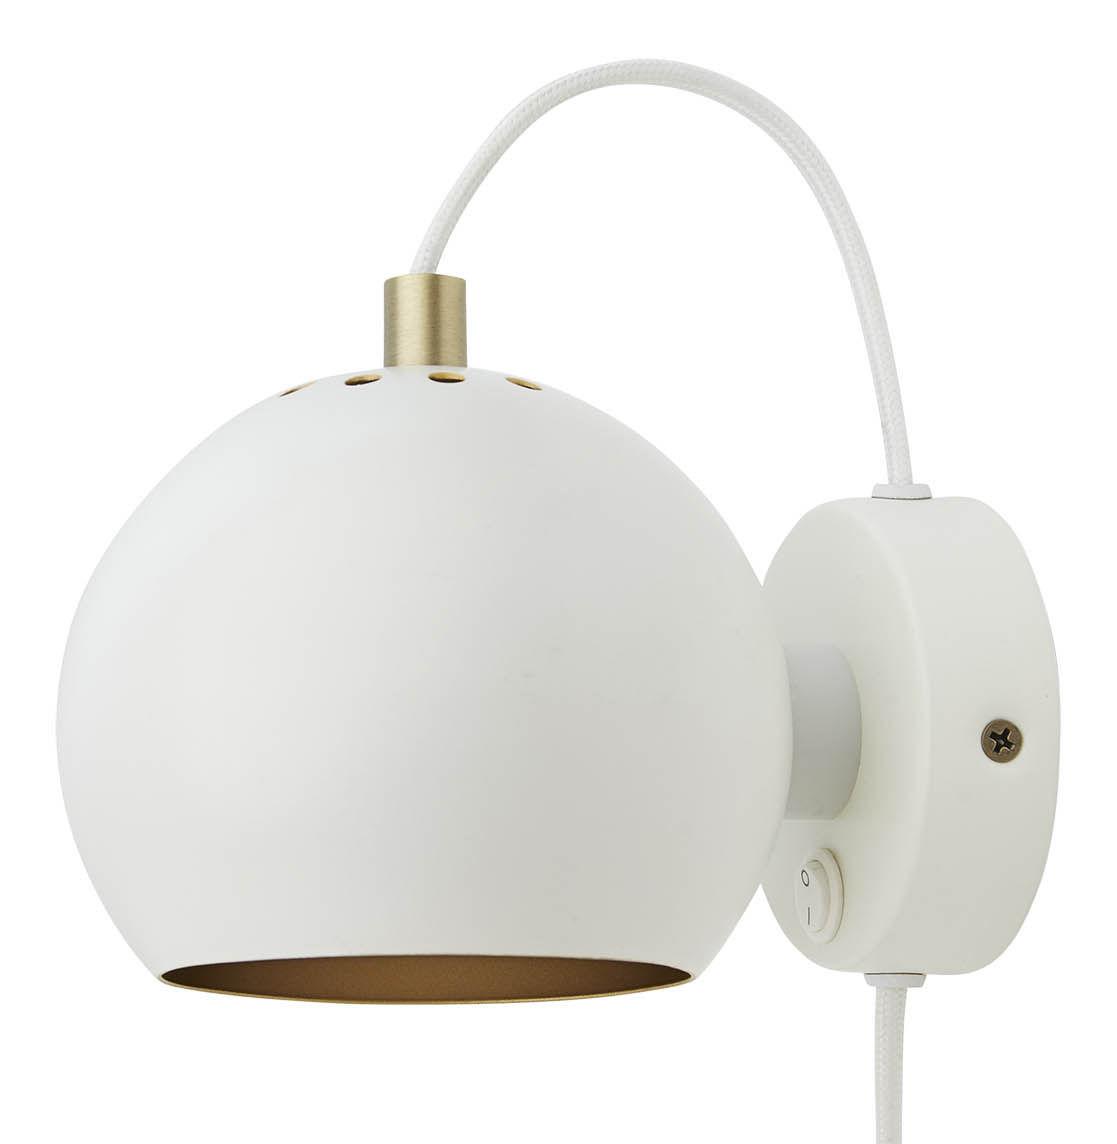 Leuchten - Wandleuchten - Ball Wandleuchte mit Stromkabel / Ø 12 cm - 50-Jahre-Jubiläumsedition - Frandsen - Mattweiß - bemaltes Metall